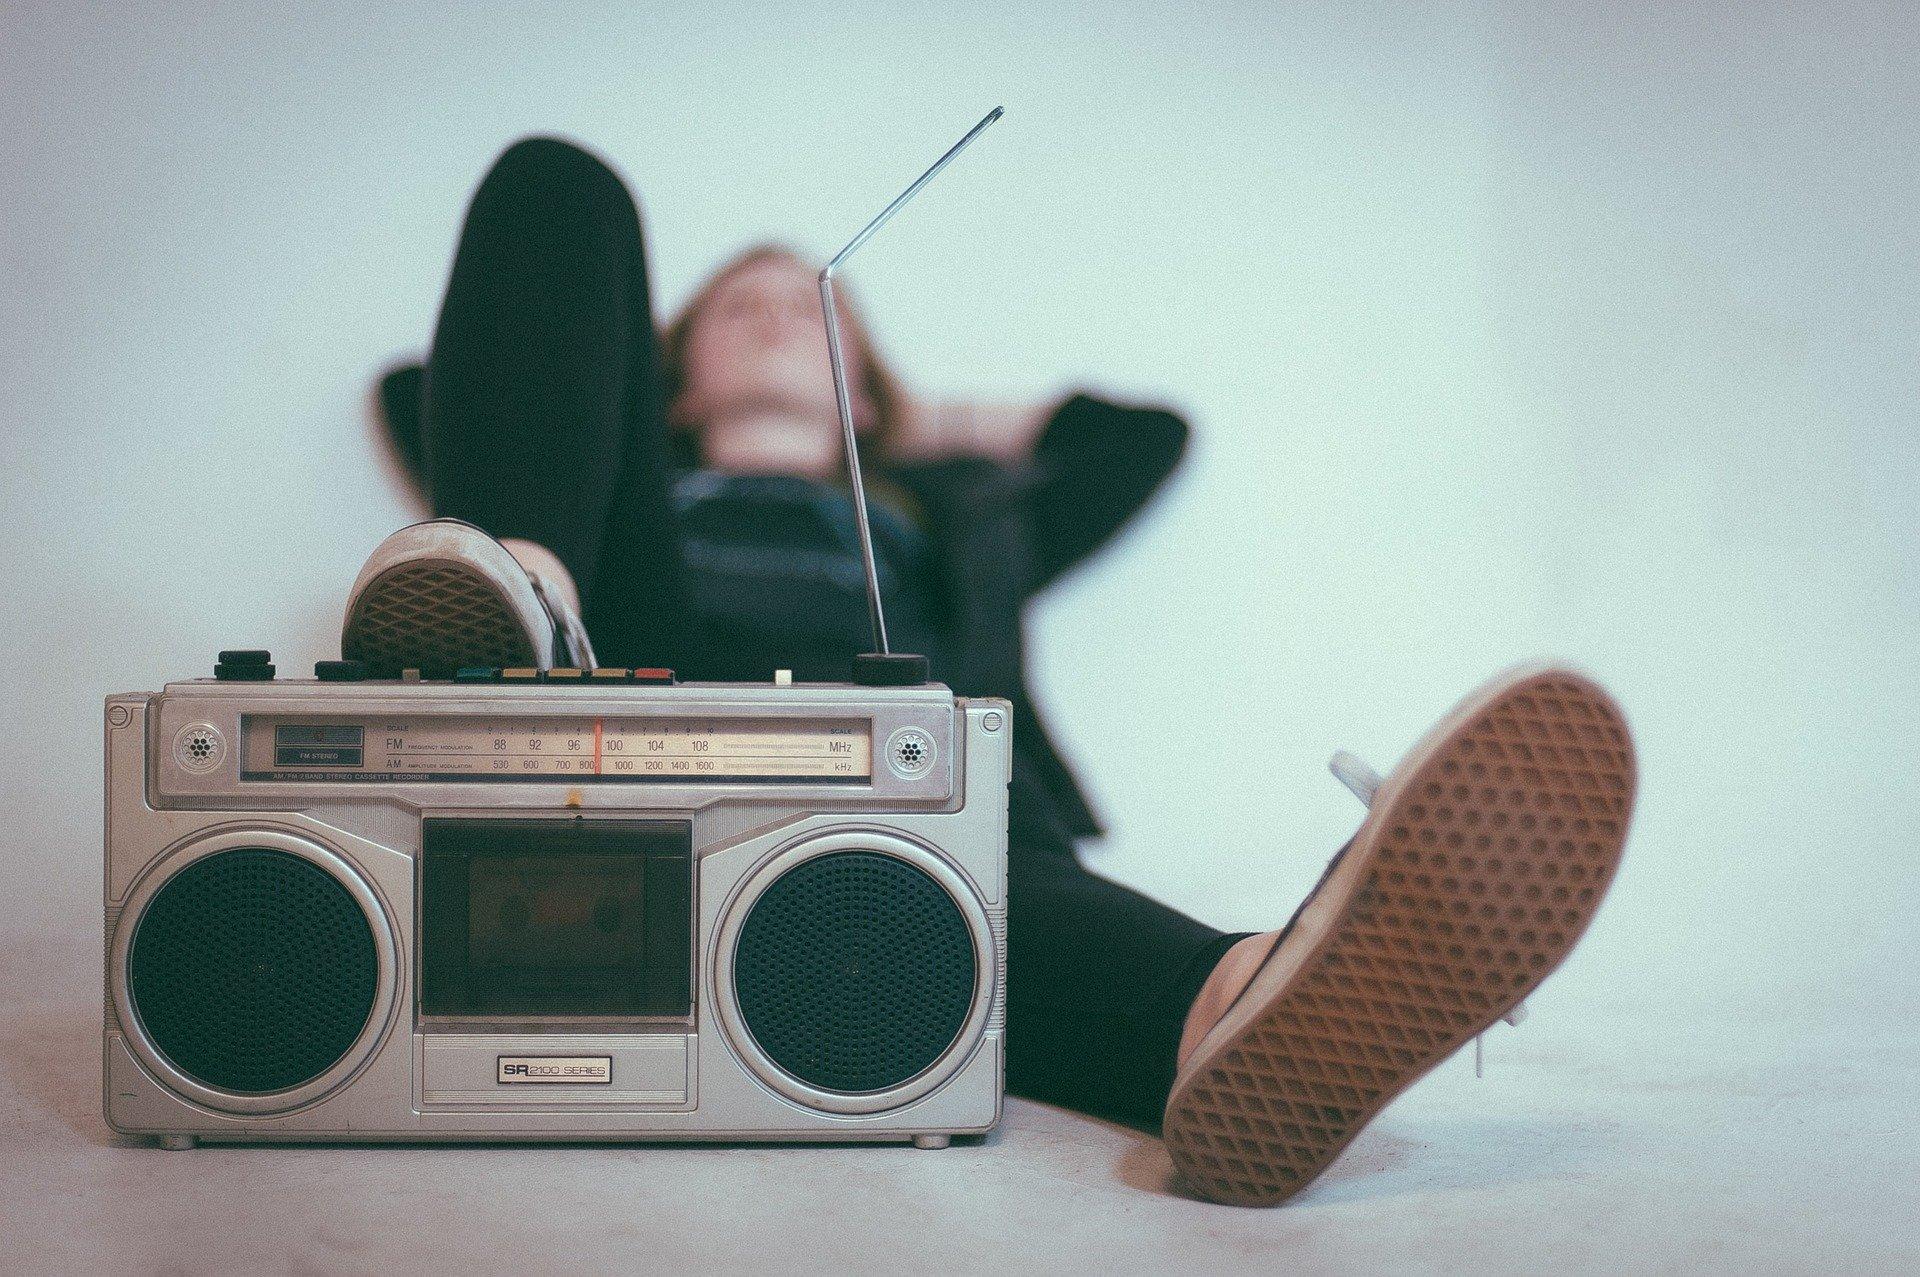 העידן המודרני: כל הדרכים להאזין לרדיו